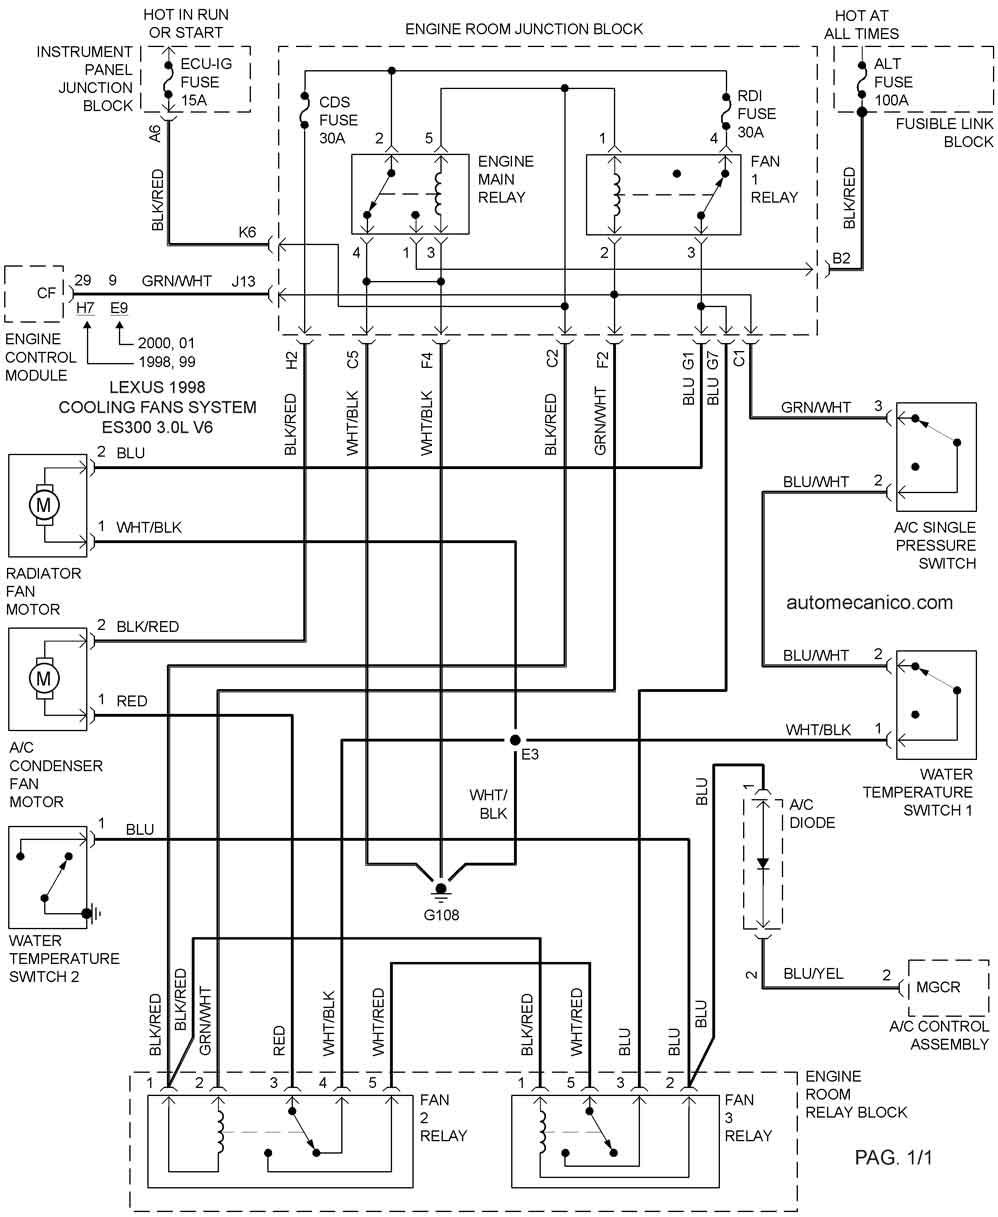 1994 lexus es300 Diagrama del motor